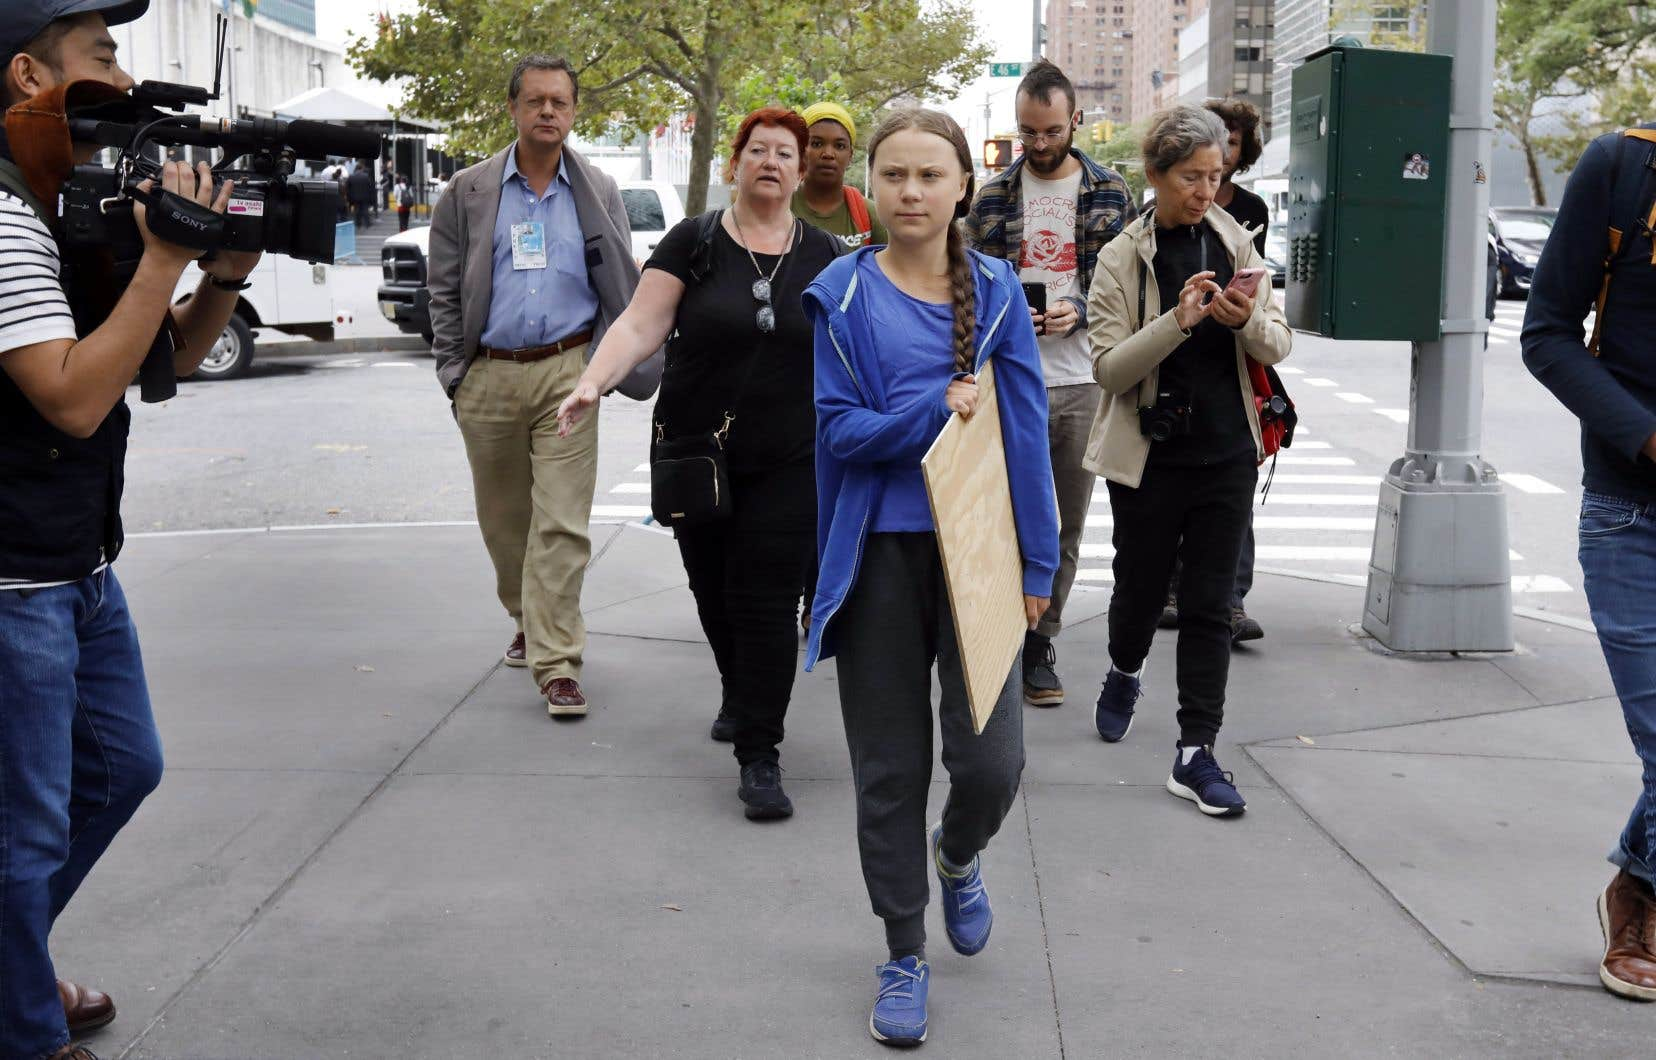 Greta Thunberg est présentement à New York pour répandre son message sur l'importance de lutter contre la crise climatique.